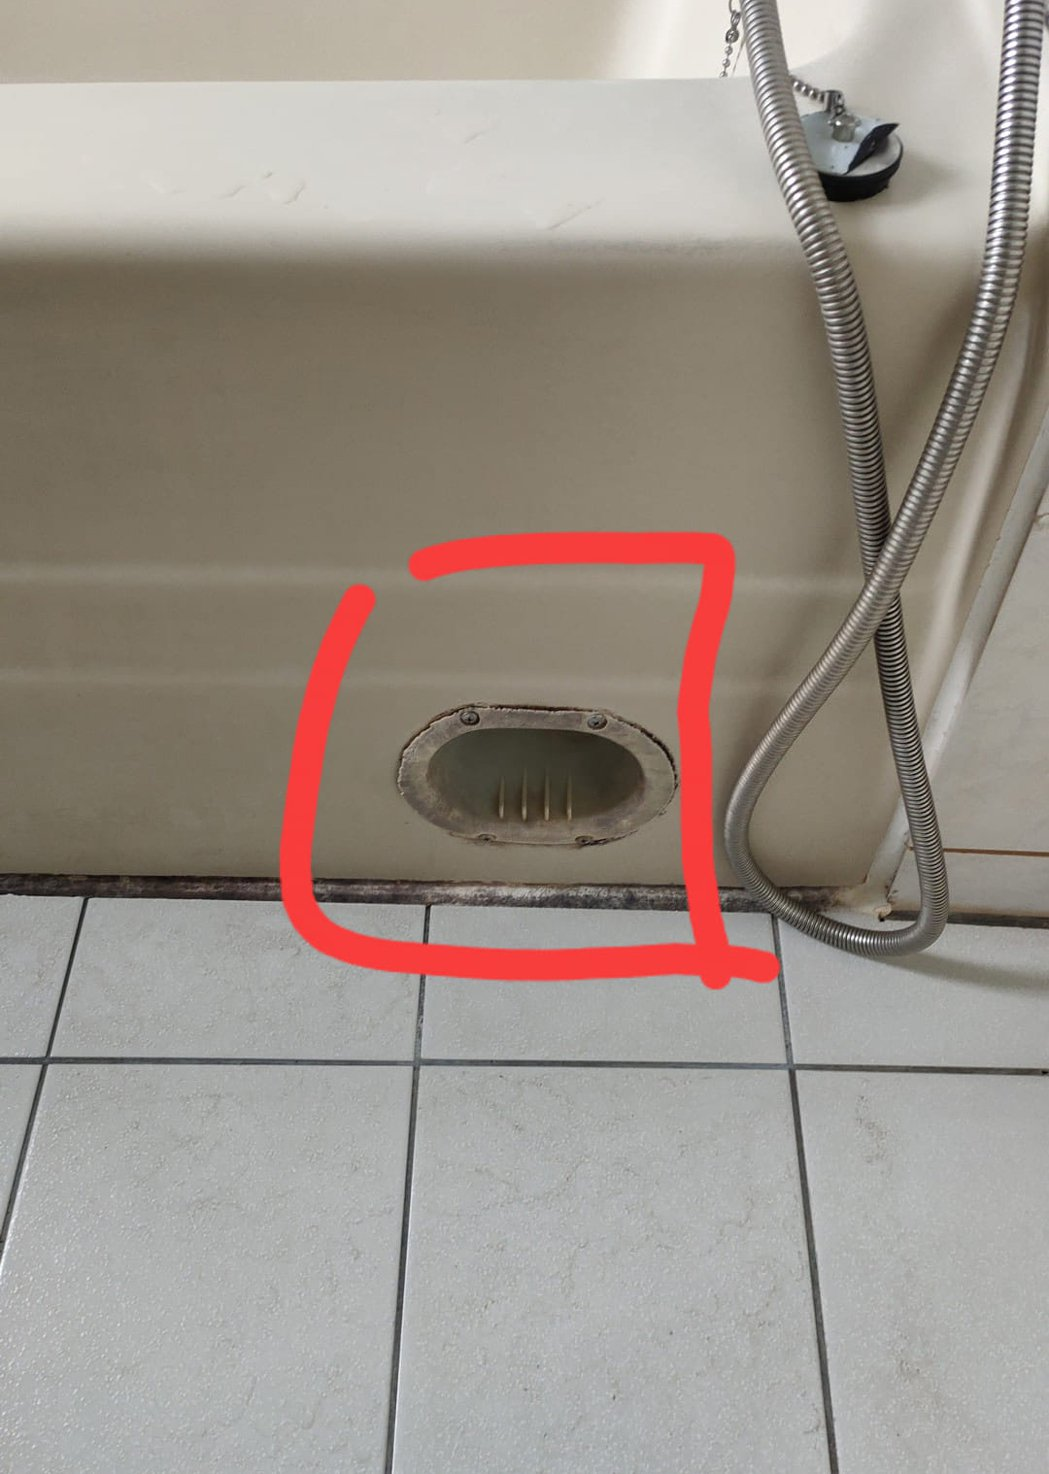 一名女網友發現家中浴缸外側有一個小凹槽,讓她好奇有什麼用途。 圖/翻攝自「裝潢D...